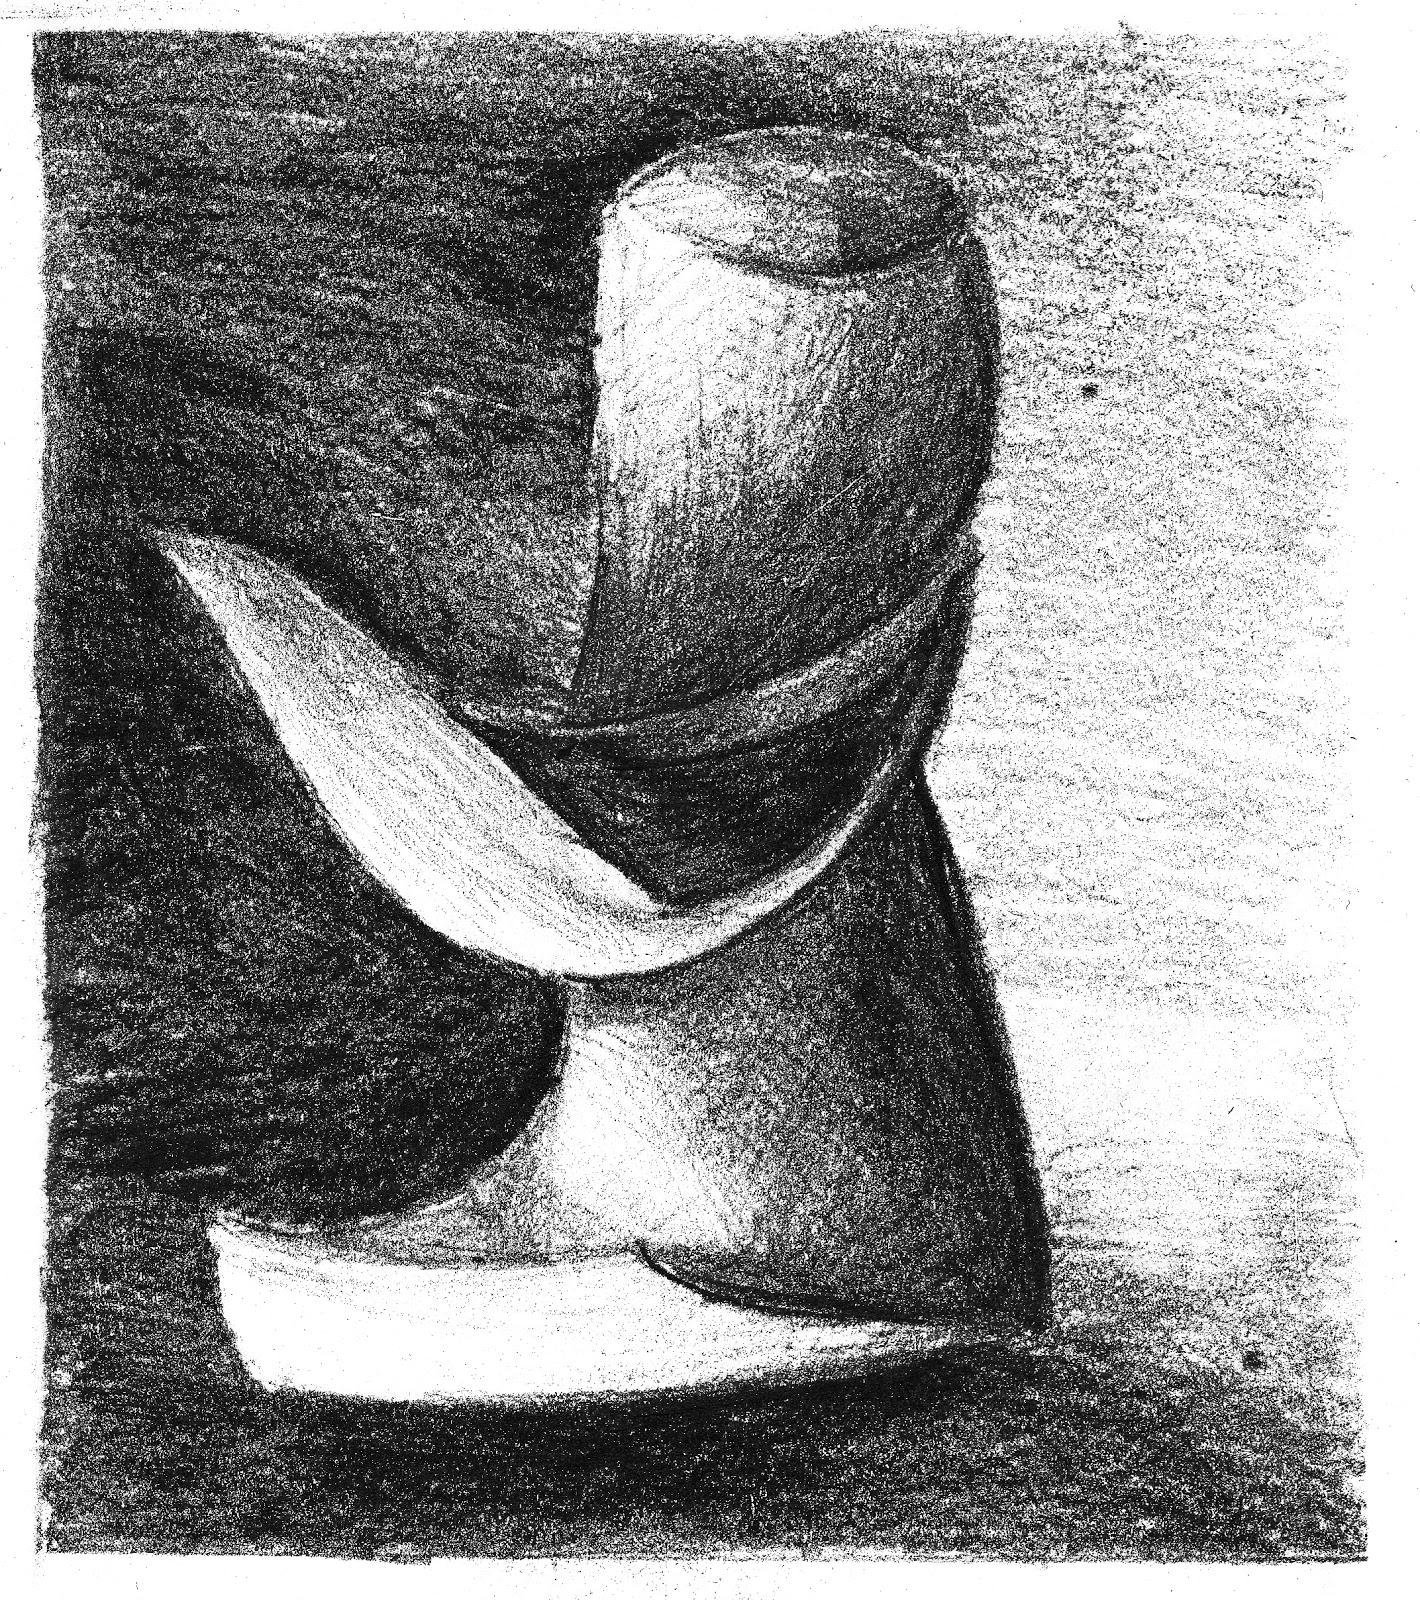 de dibujo artstico y color Sombreado a partir de un dibujo de